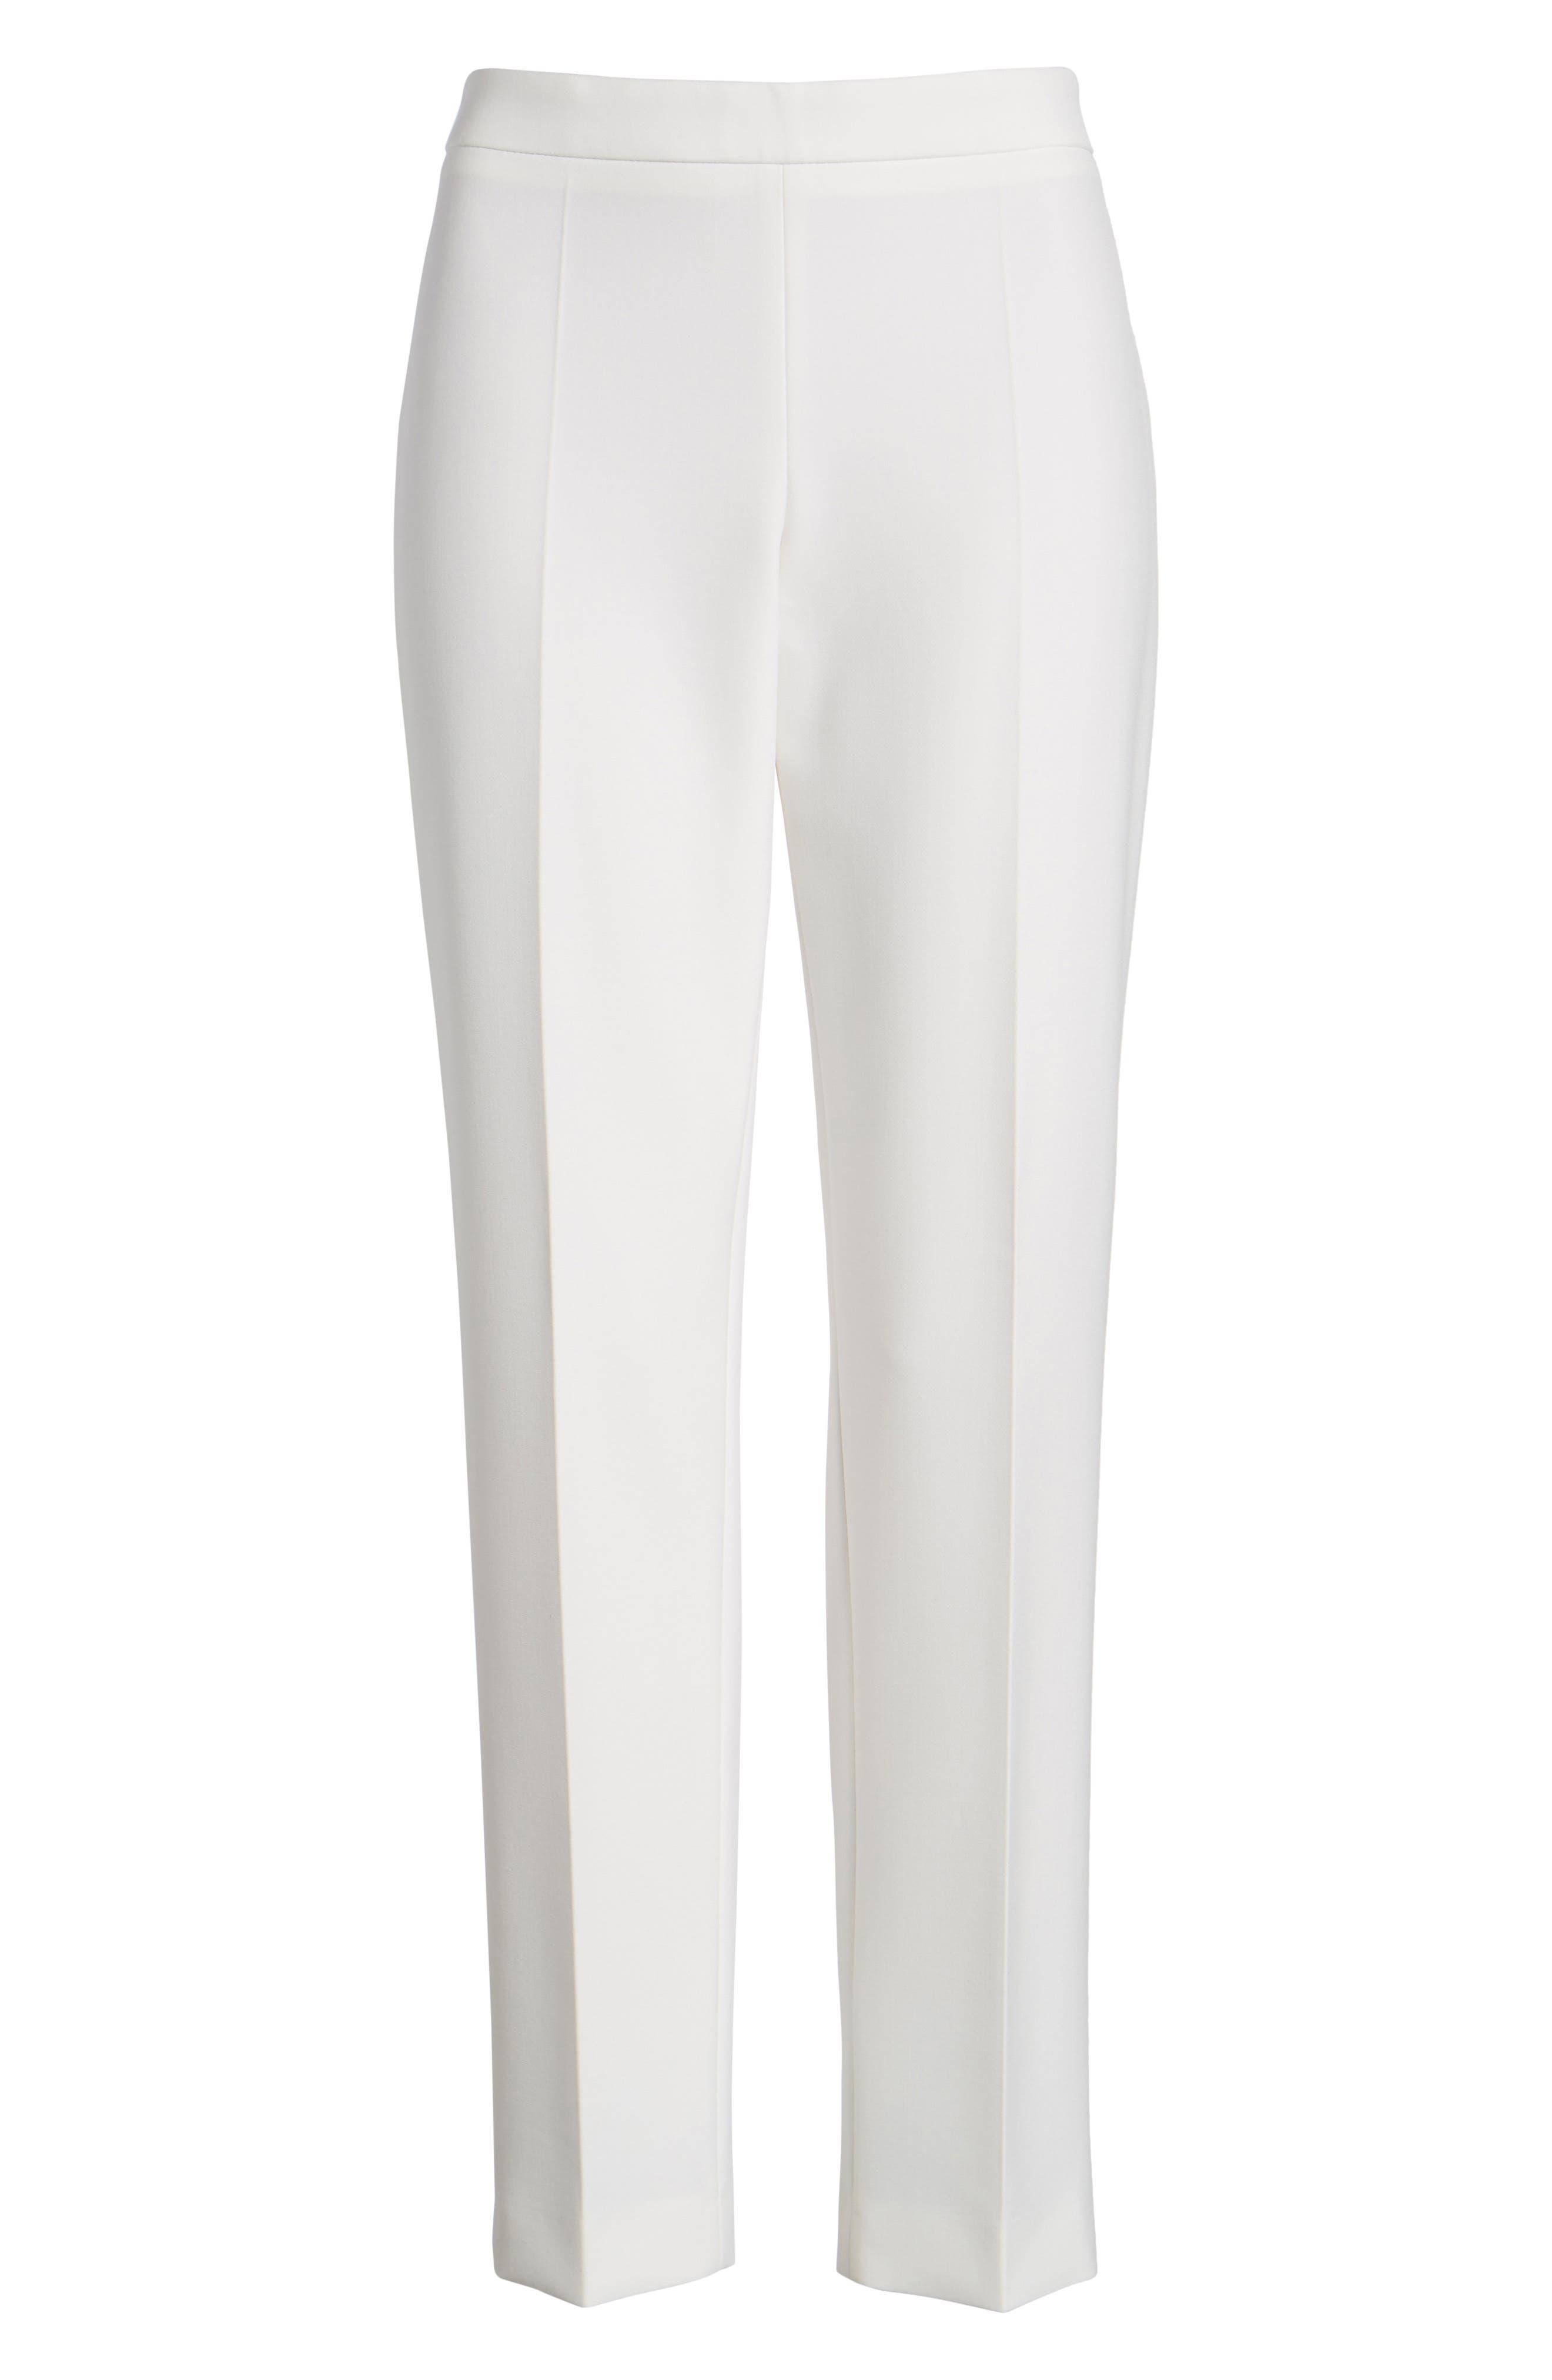 Tiluna Side Zip Ponte Trousers,                             Alternate thumbnail 7, color,